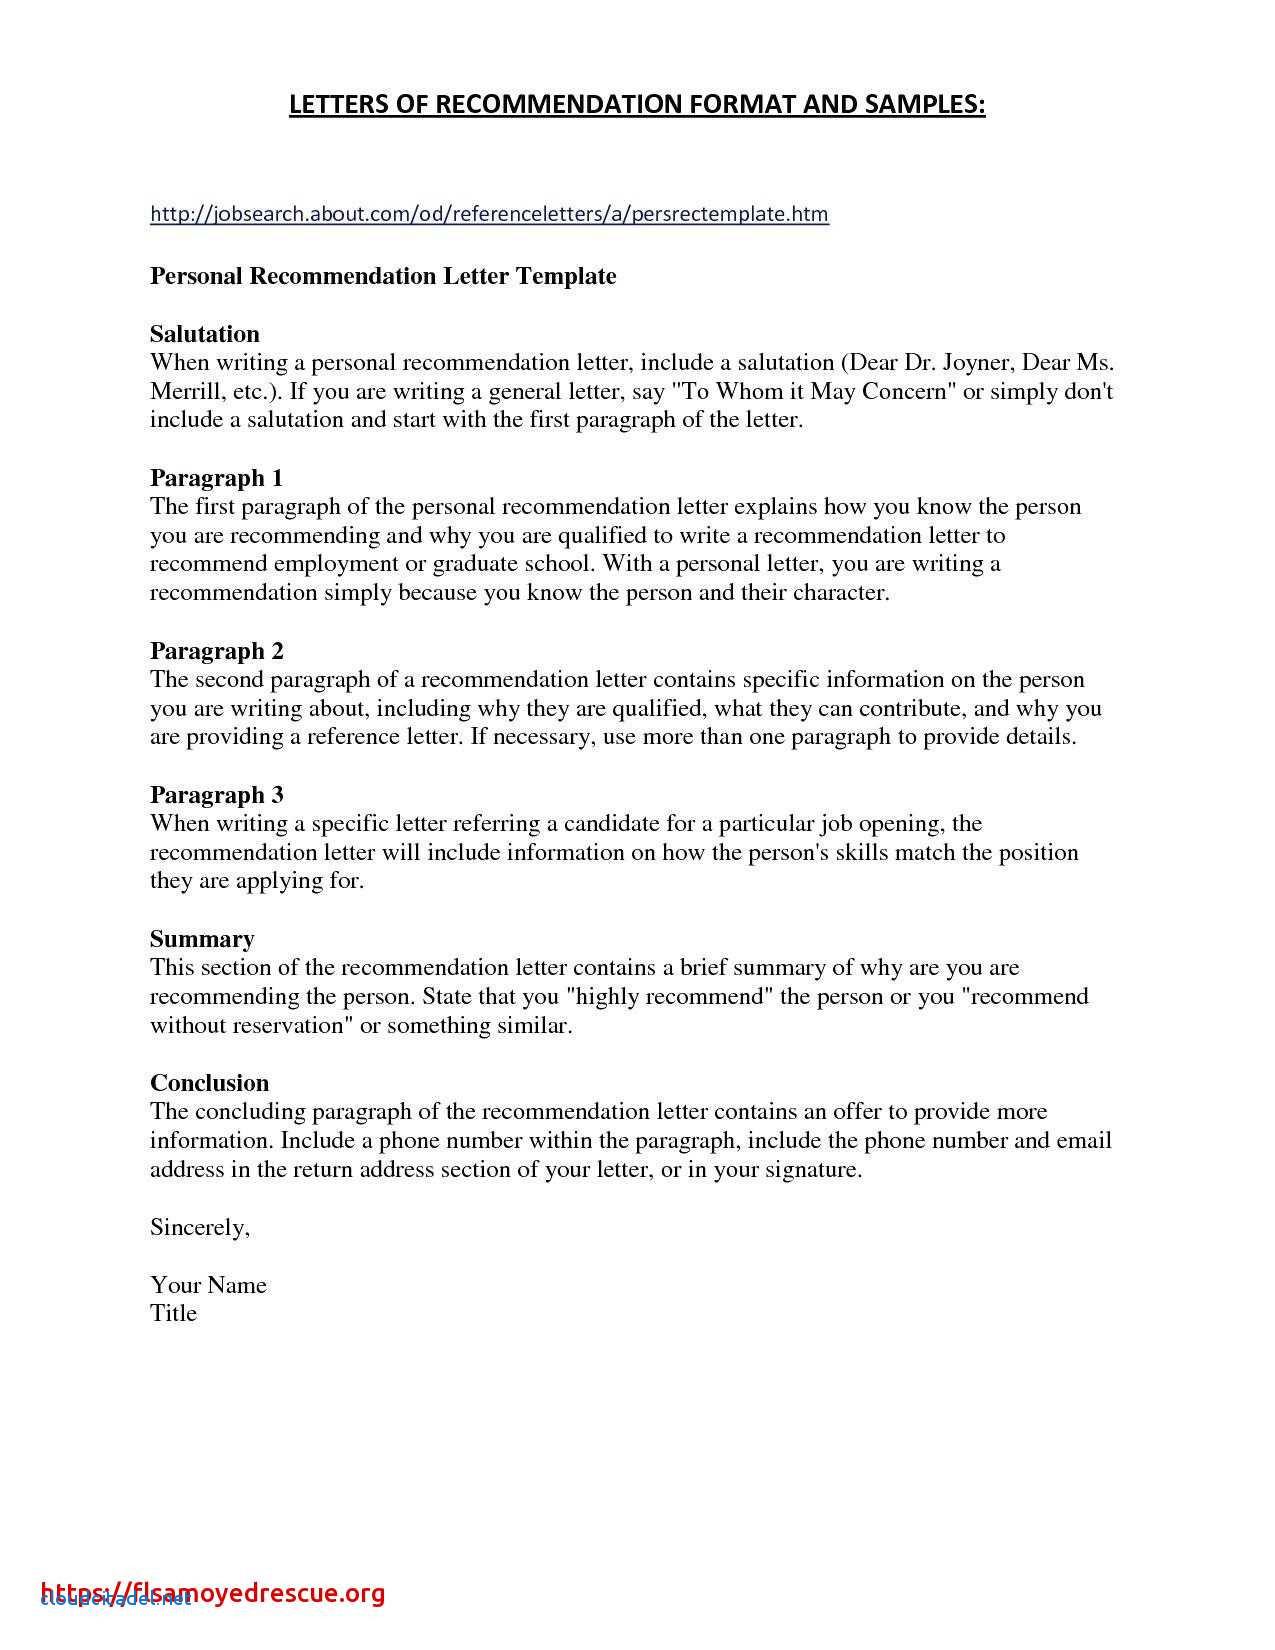 609 Letter Template Free - Elegant Letter Sample format Doc